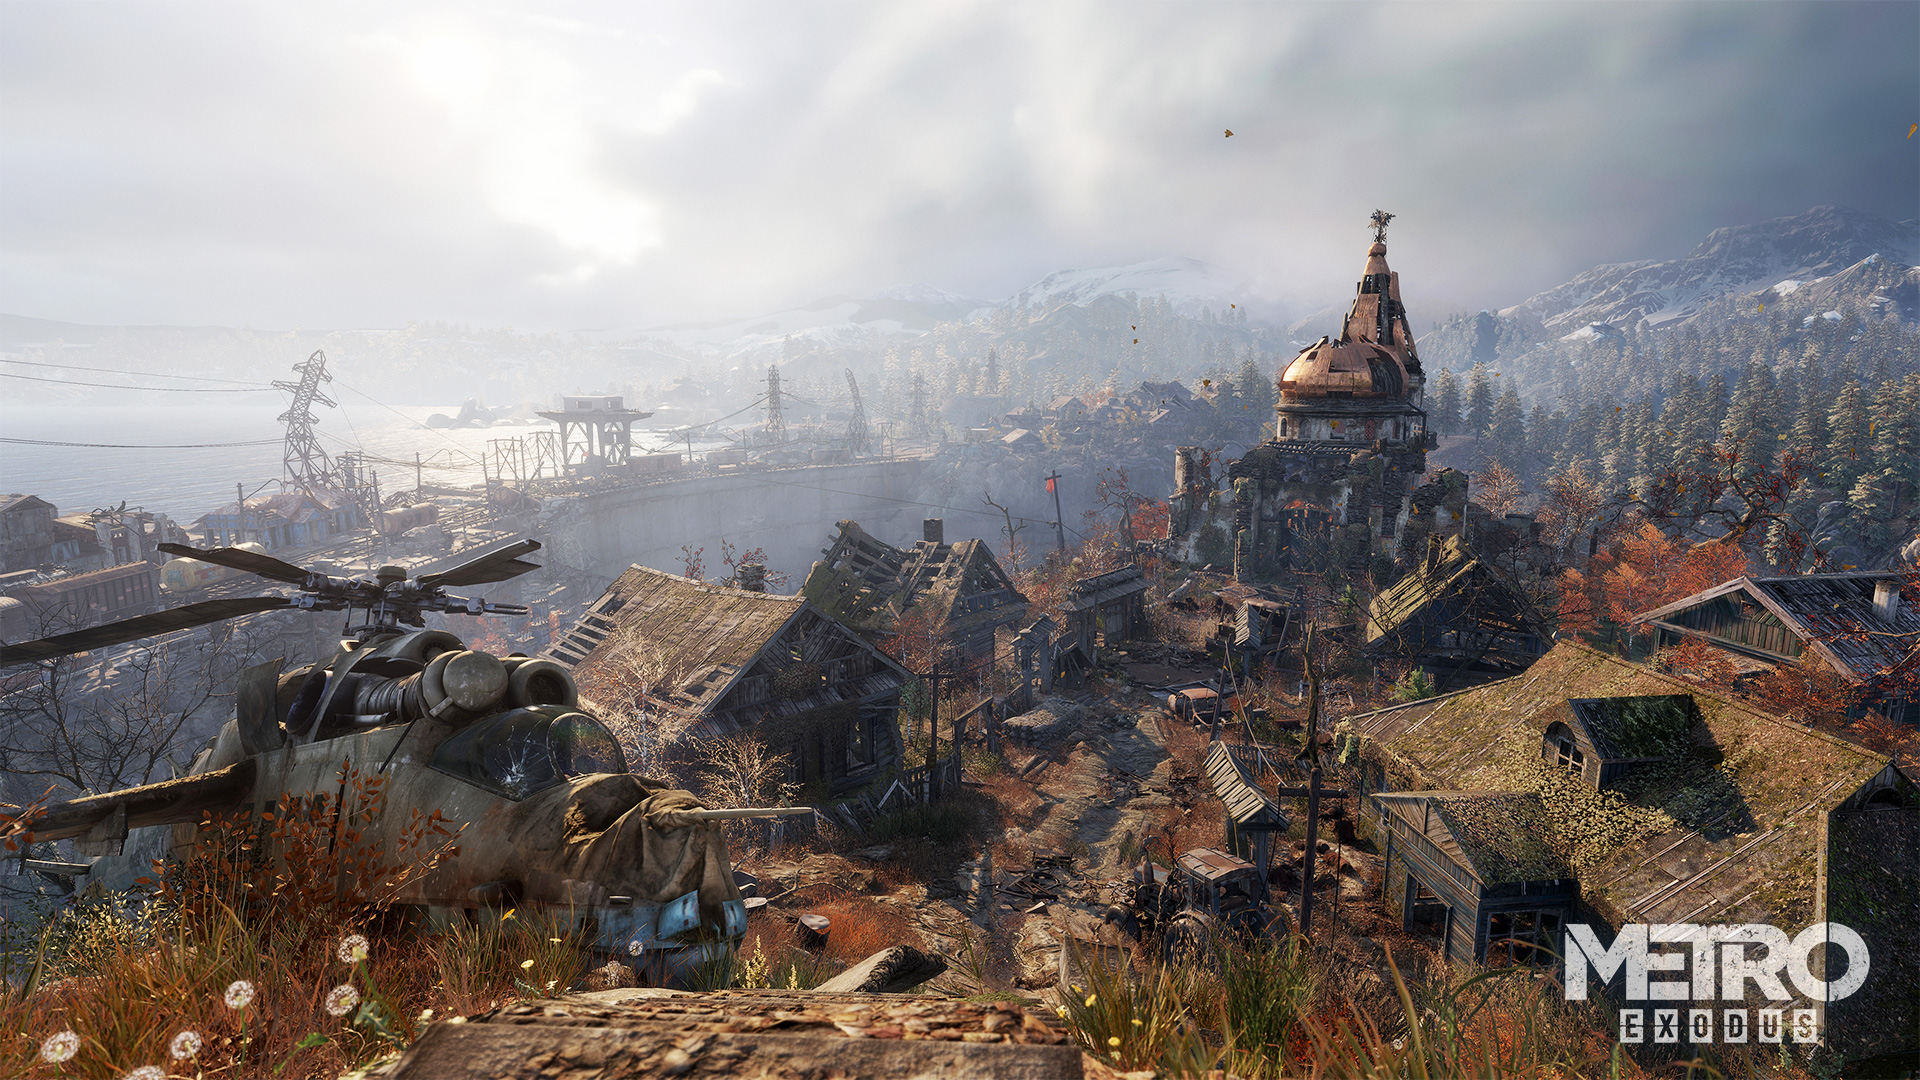 В Metro Exodus будут транспортные средства и крафт, но игра без открытого мира